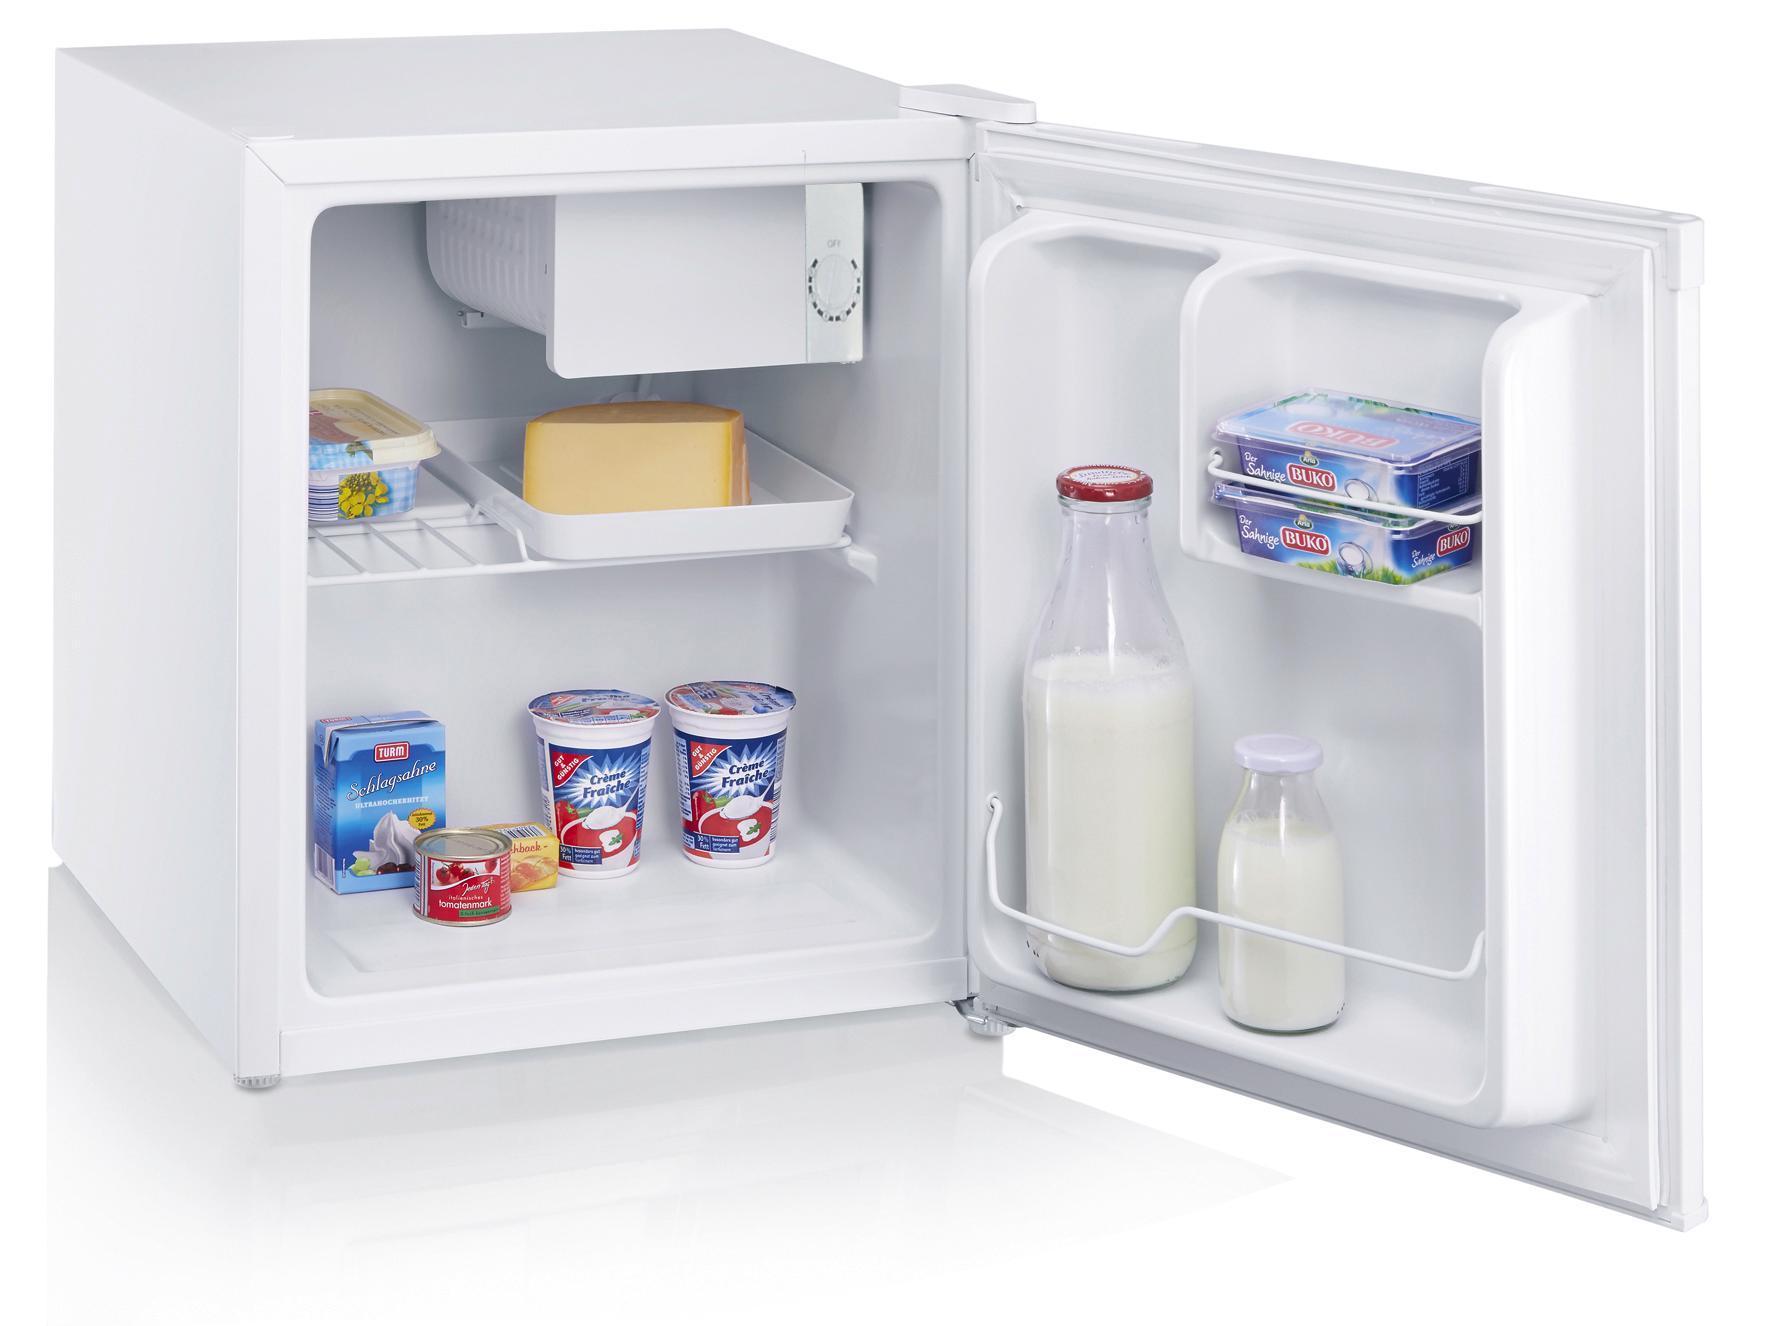 Retro Kühlschrank Wien : Silva schneider kühlschrank kb1550 inkl. eisfach online kaufen